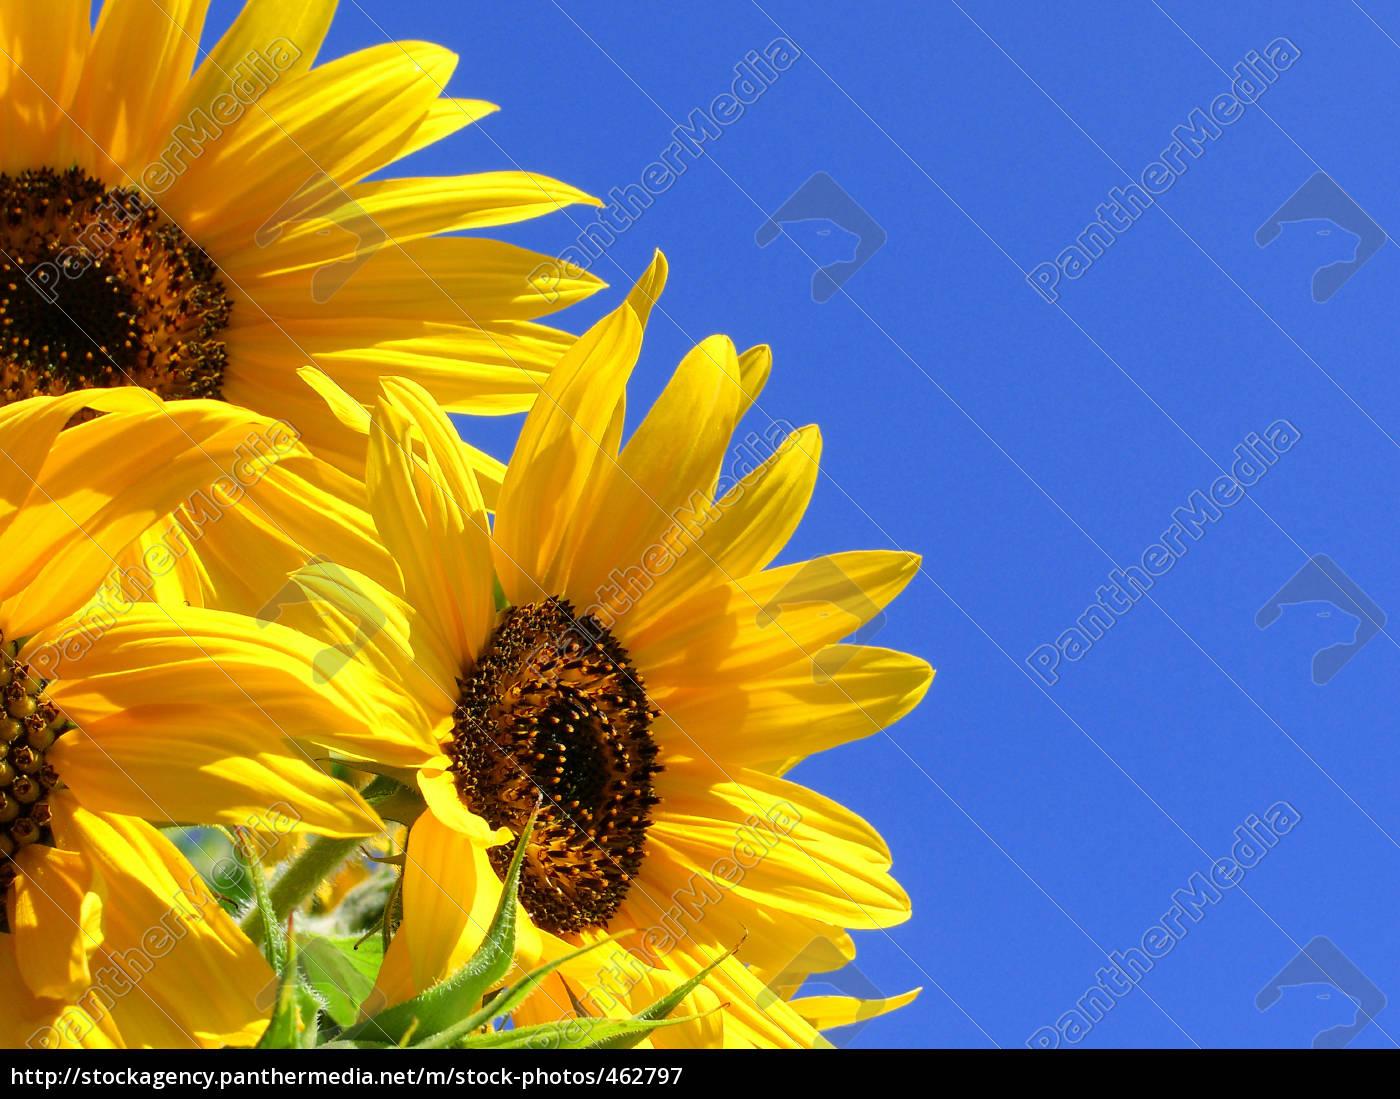 sunflowers, 27 - 462797